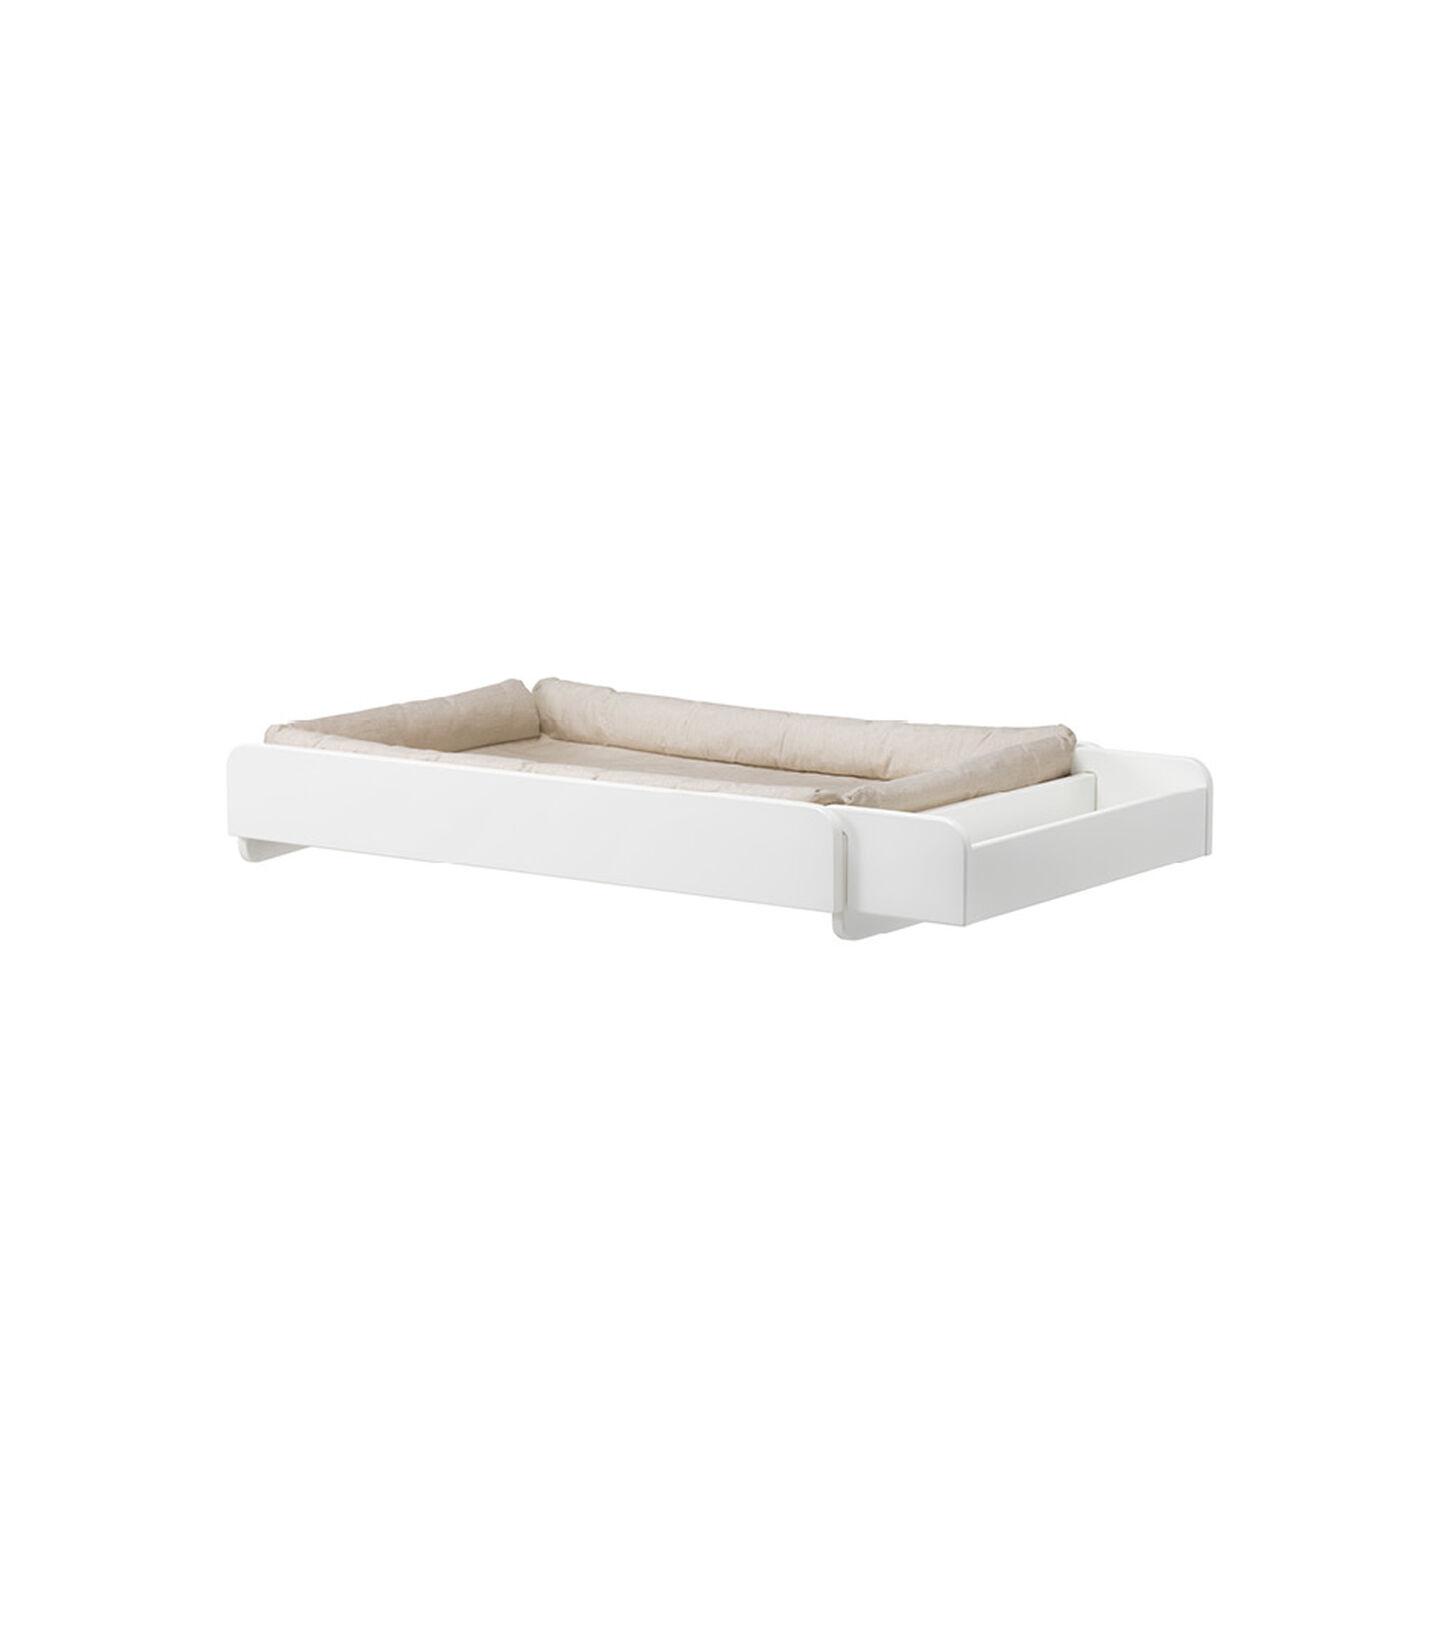 Fasciatoio con materassino Stokke® Home™ Bianco, Bianco, mainview view 2